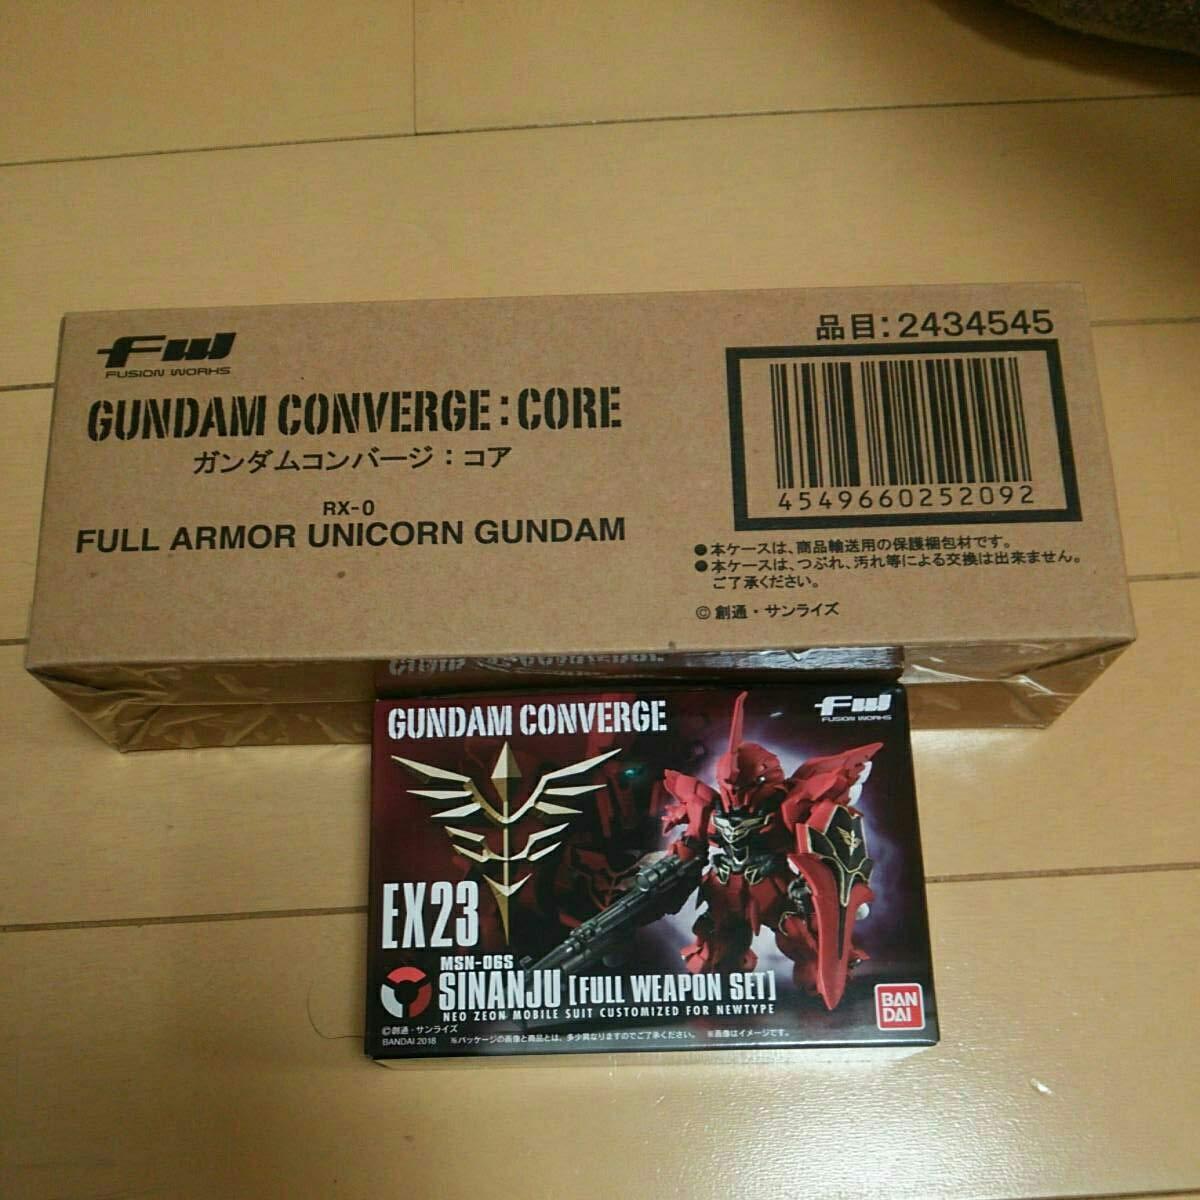 ガンダム コンバージ EX23 シナンジュ & ムバンダイ フルアーマーユニコーンガンダム 2種セット CONVERGE コア B07QBHXG2M